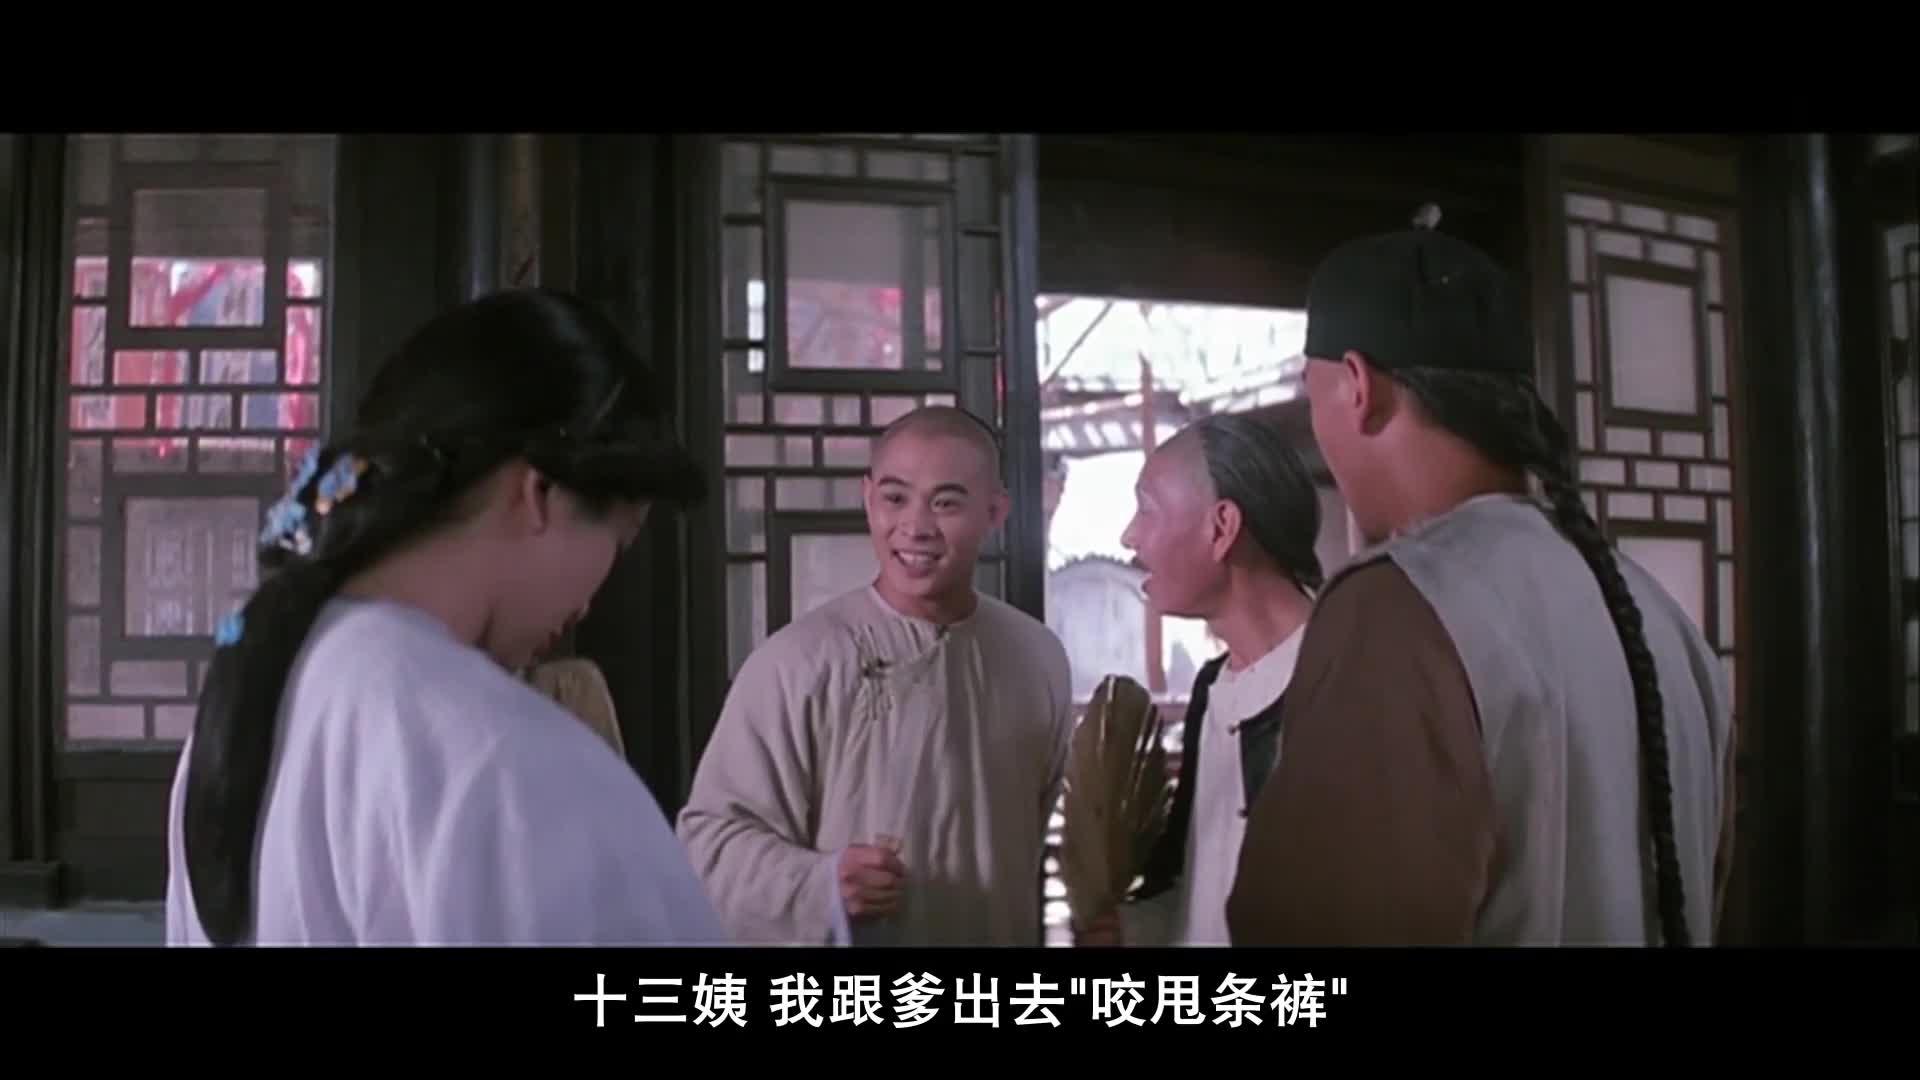 黄飞鸿:梁宽弄坏蒸汽机,只好找十三姨帮忙